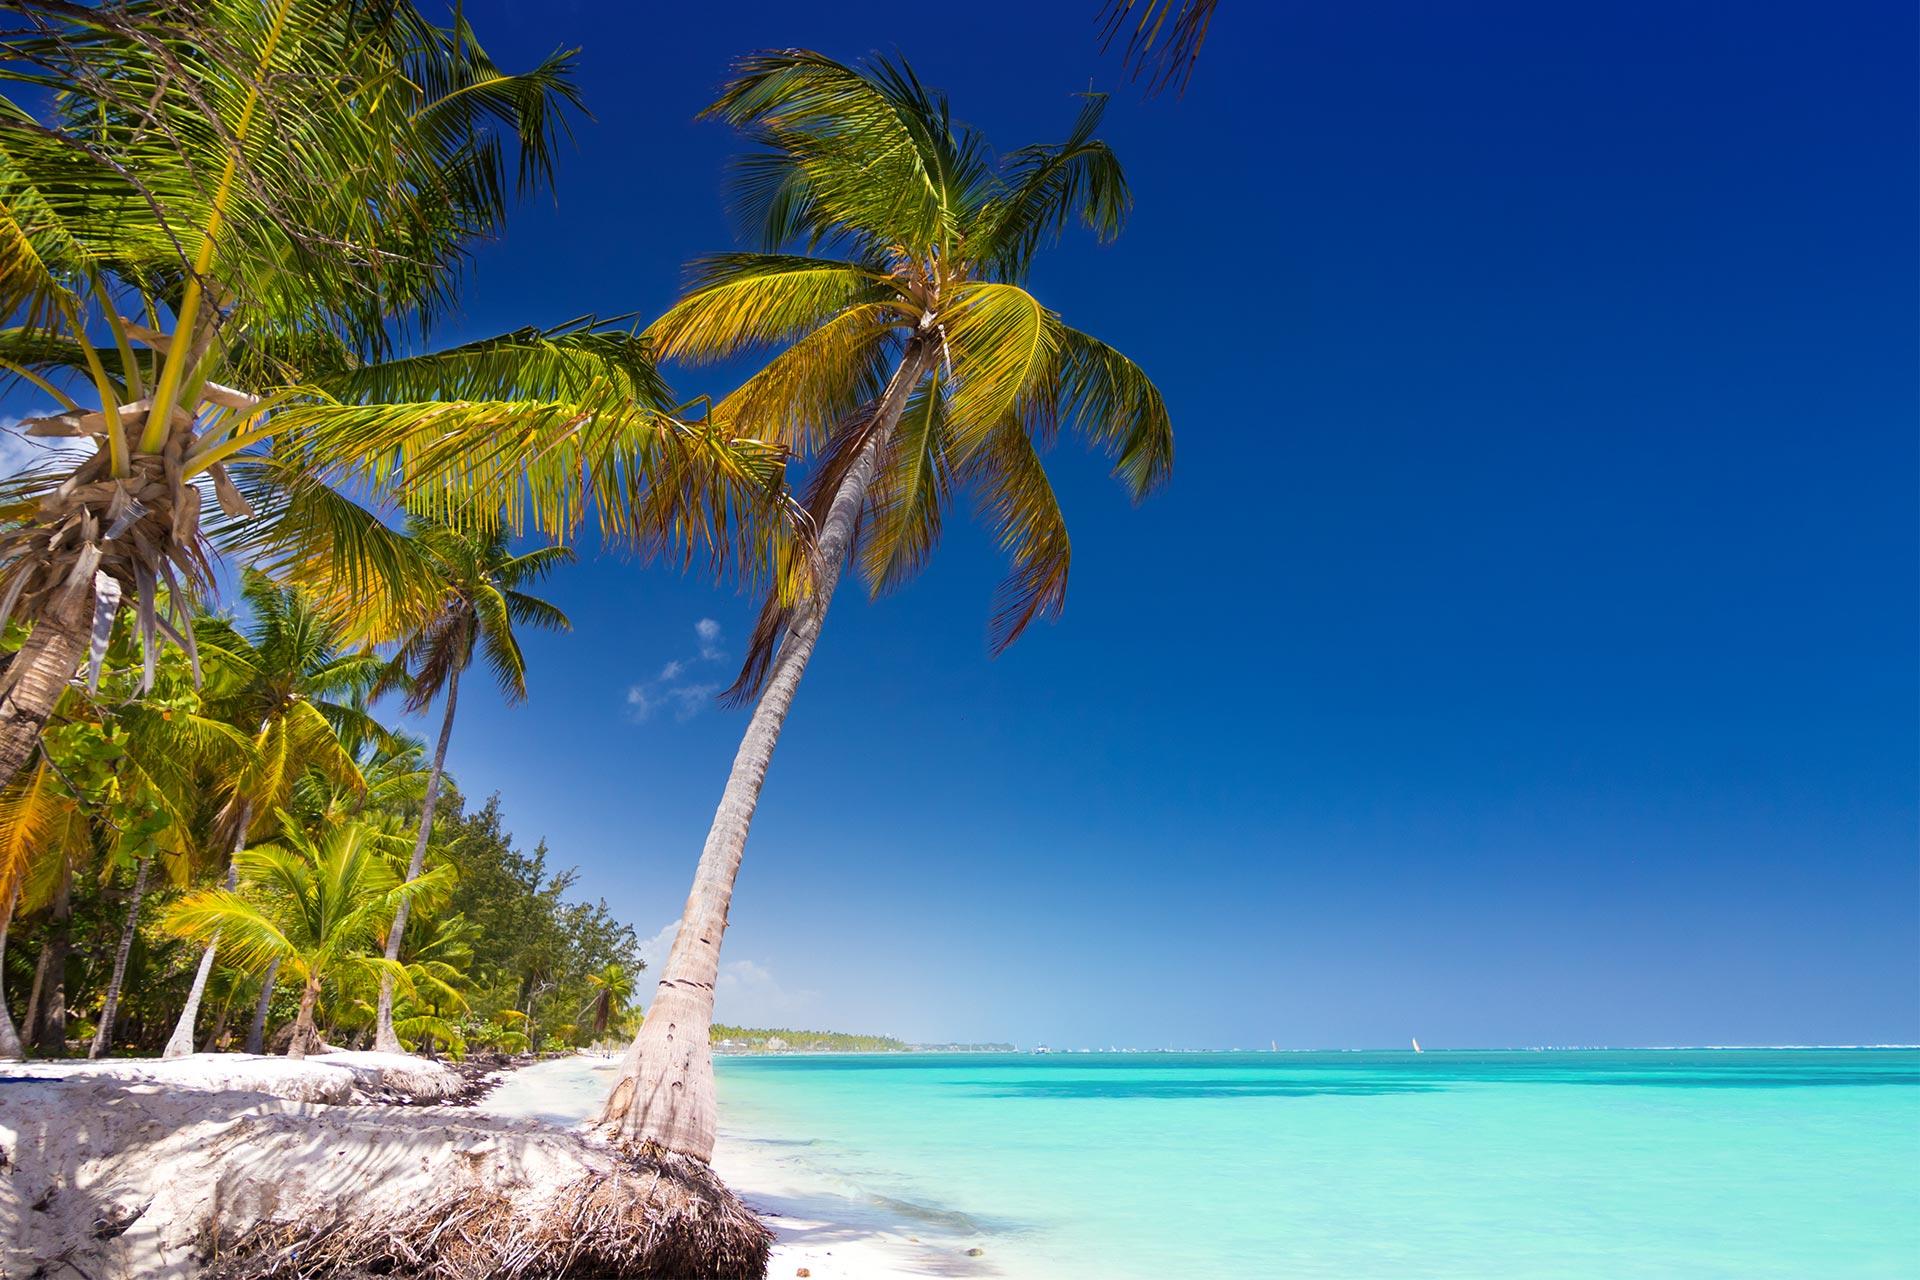 Sejur plaja Punta Cana, Republica Dominicana, 9 zile - 5 iulie 2021